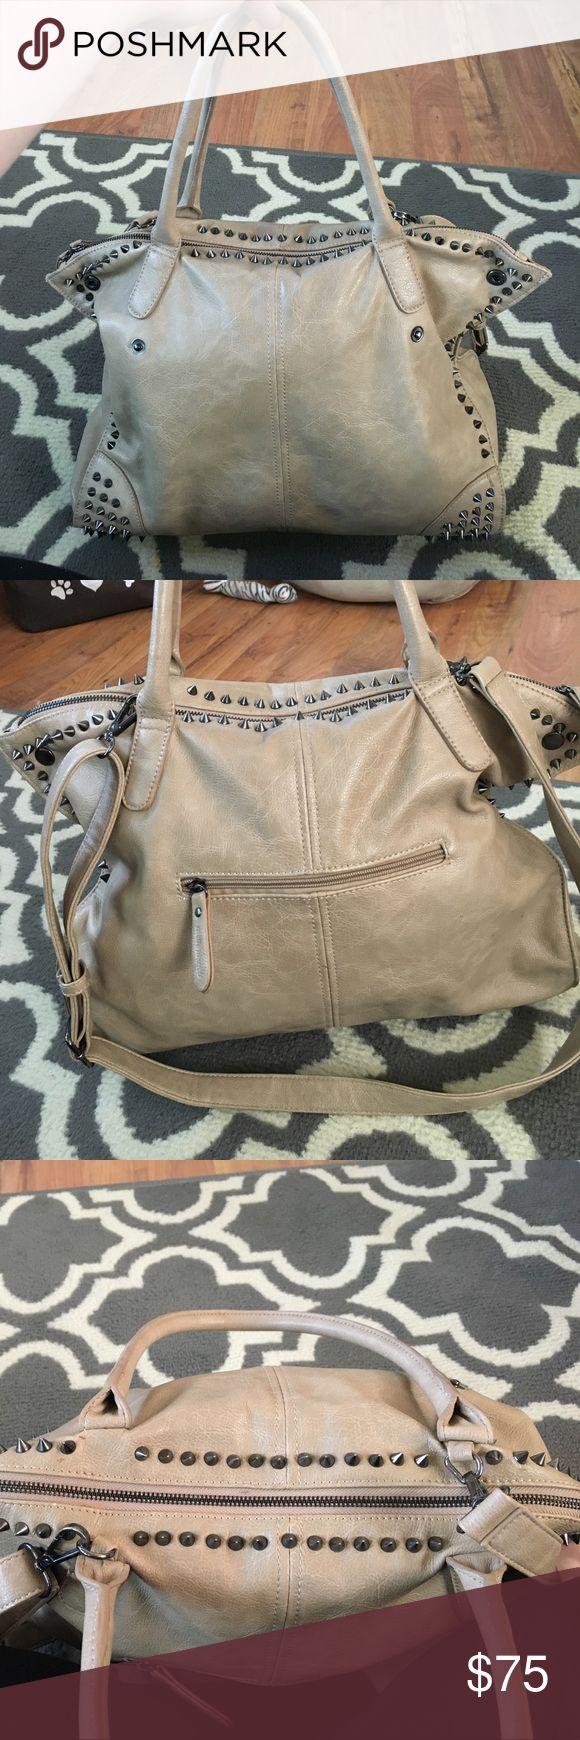 Melie Bianco tan studded large handbag Melie Bianco Tan studded large bag with strap Melie Bianco Bags Satchels